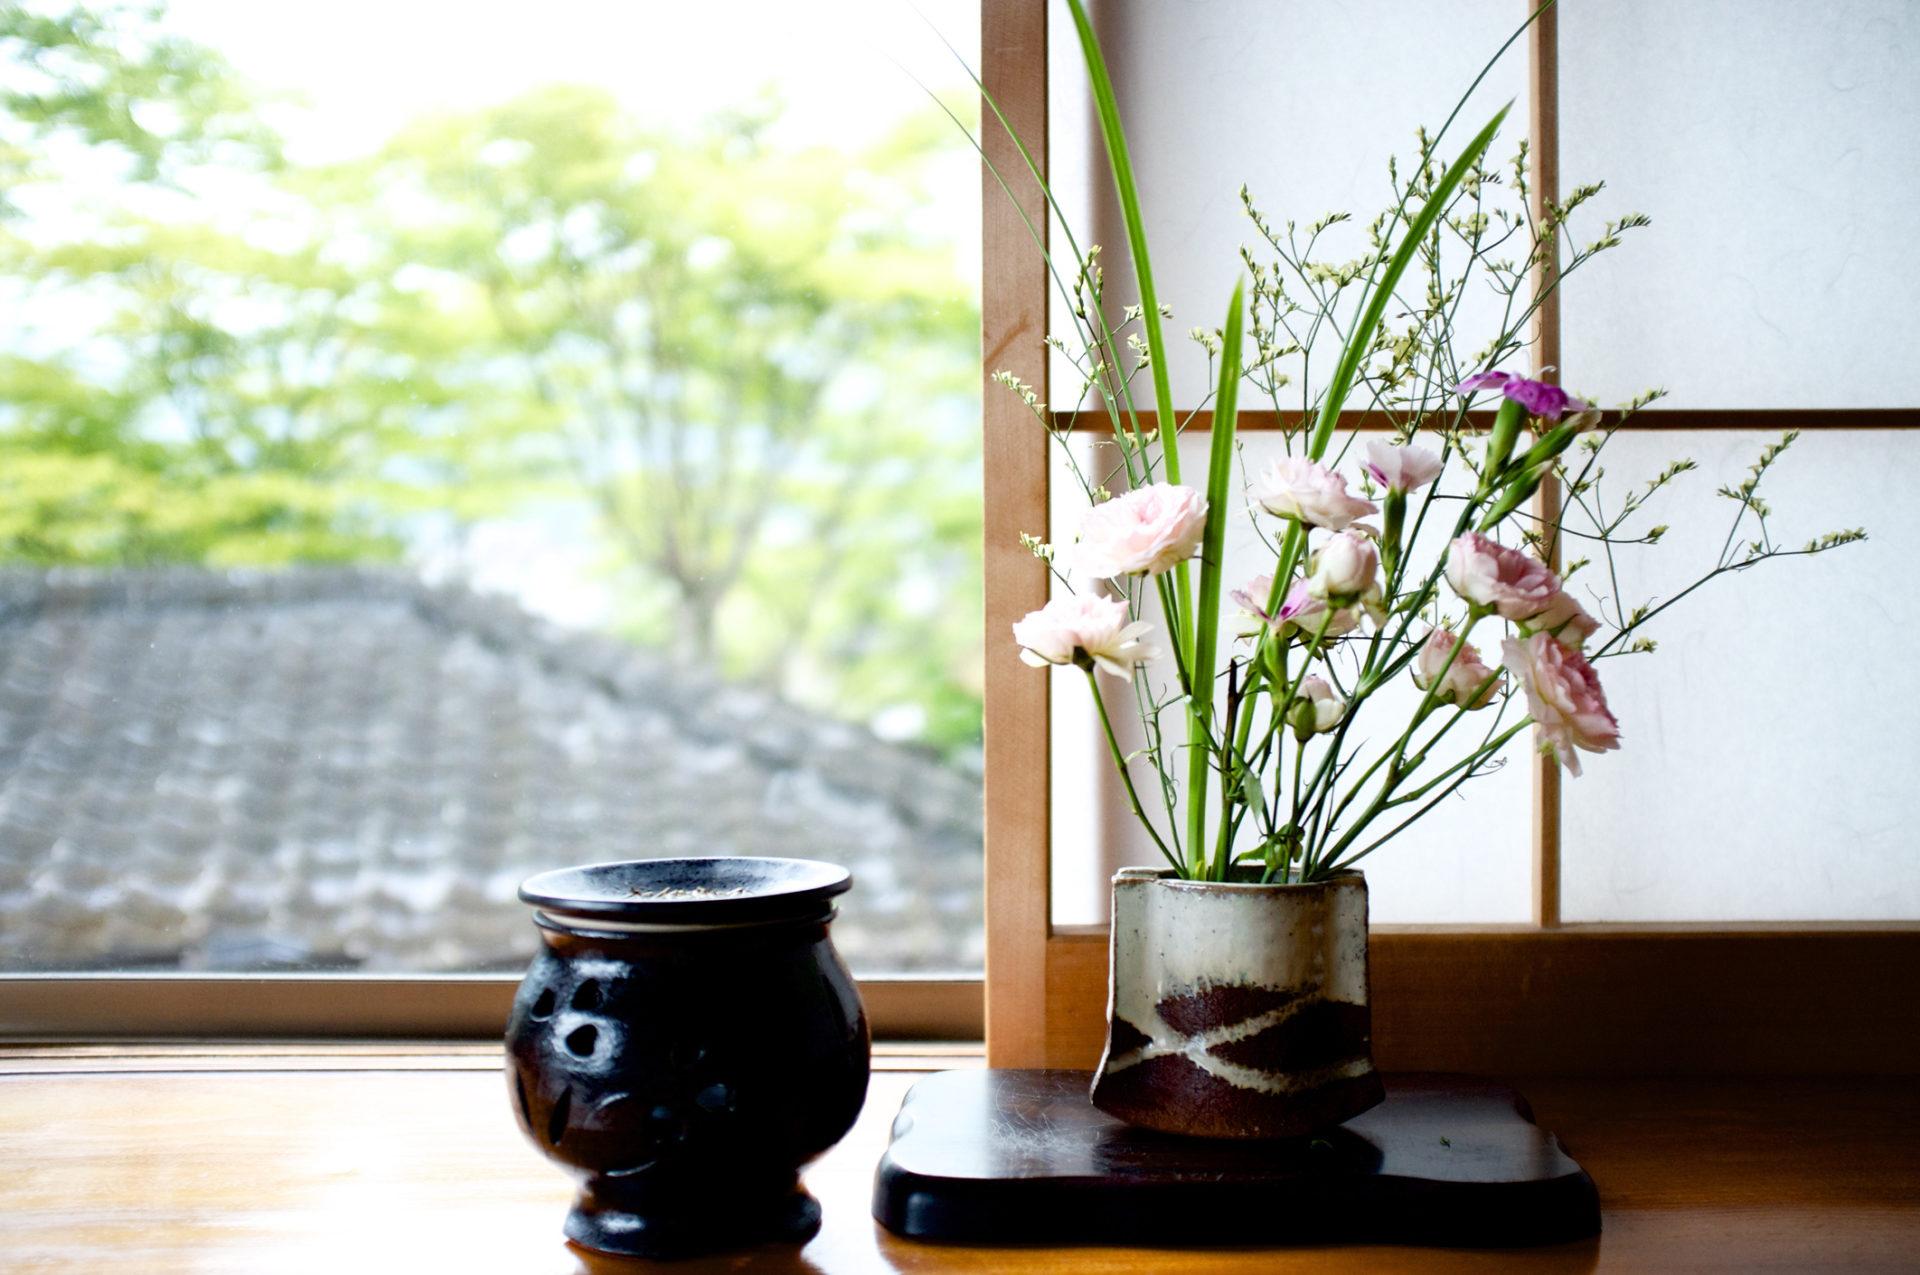 【イベント情報】華道家元池坊青森支部80周年記念花展が開催されています